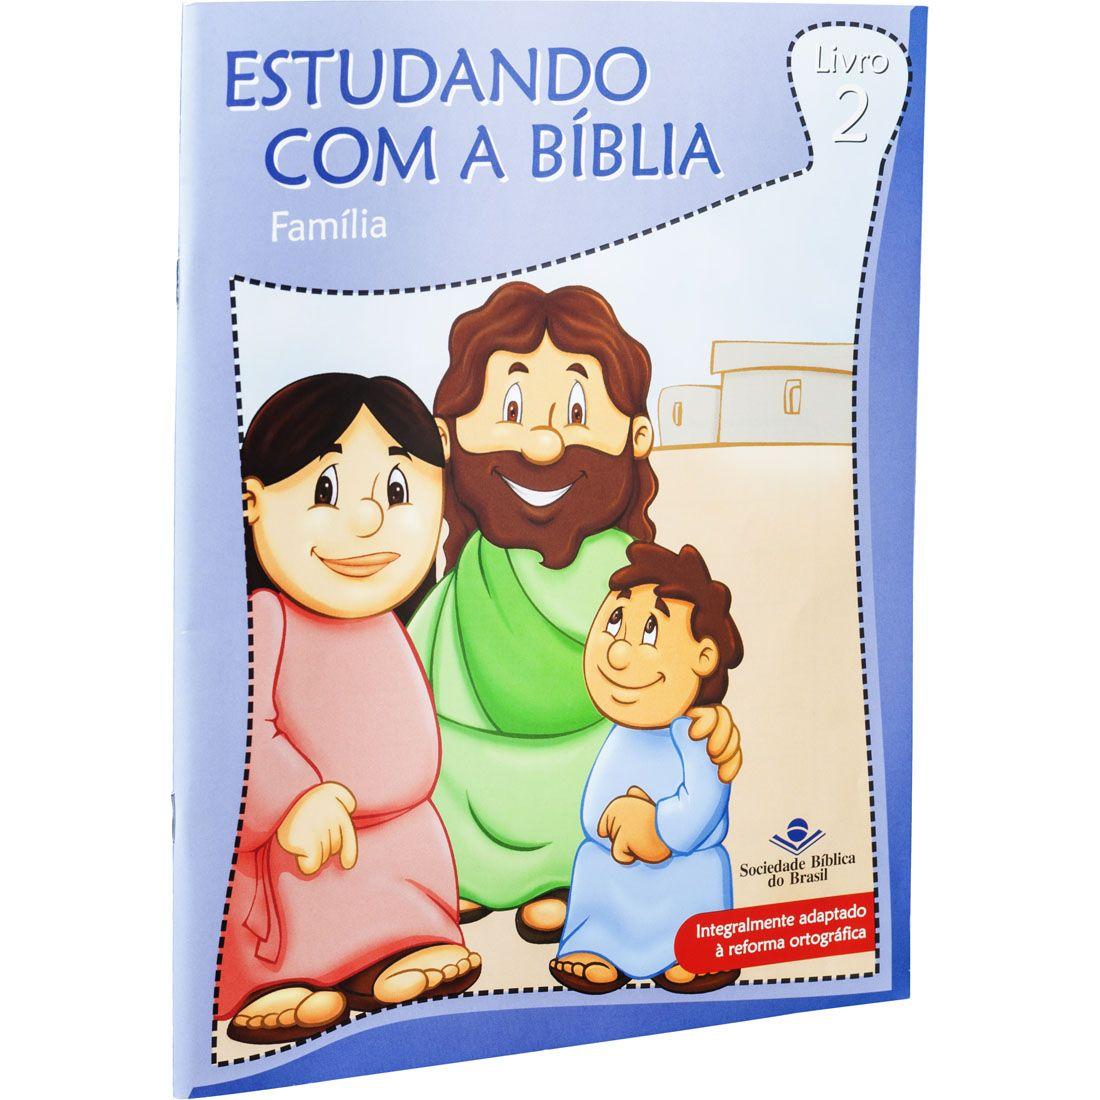 Estudando com a Bíblia - Família